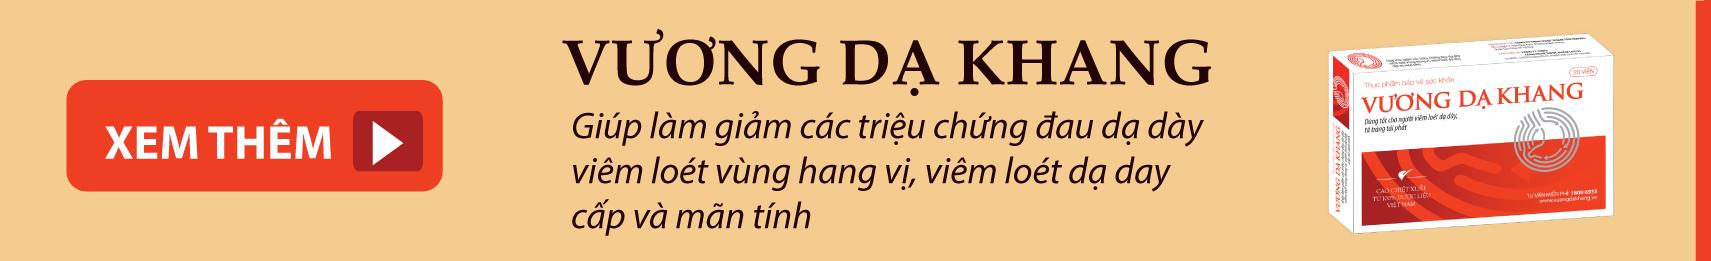 xem thêm vương dạ khang